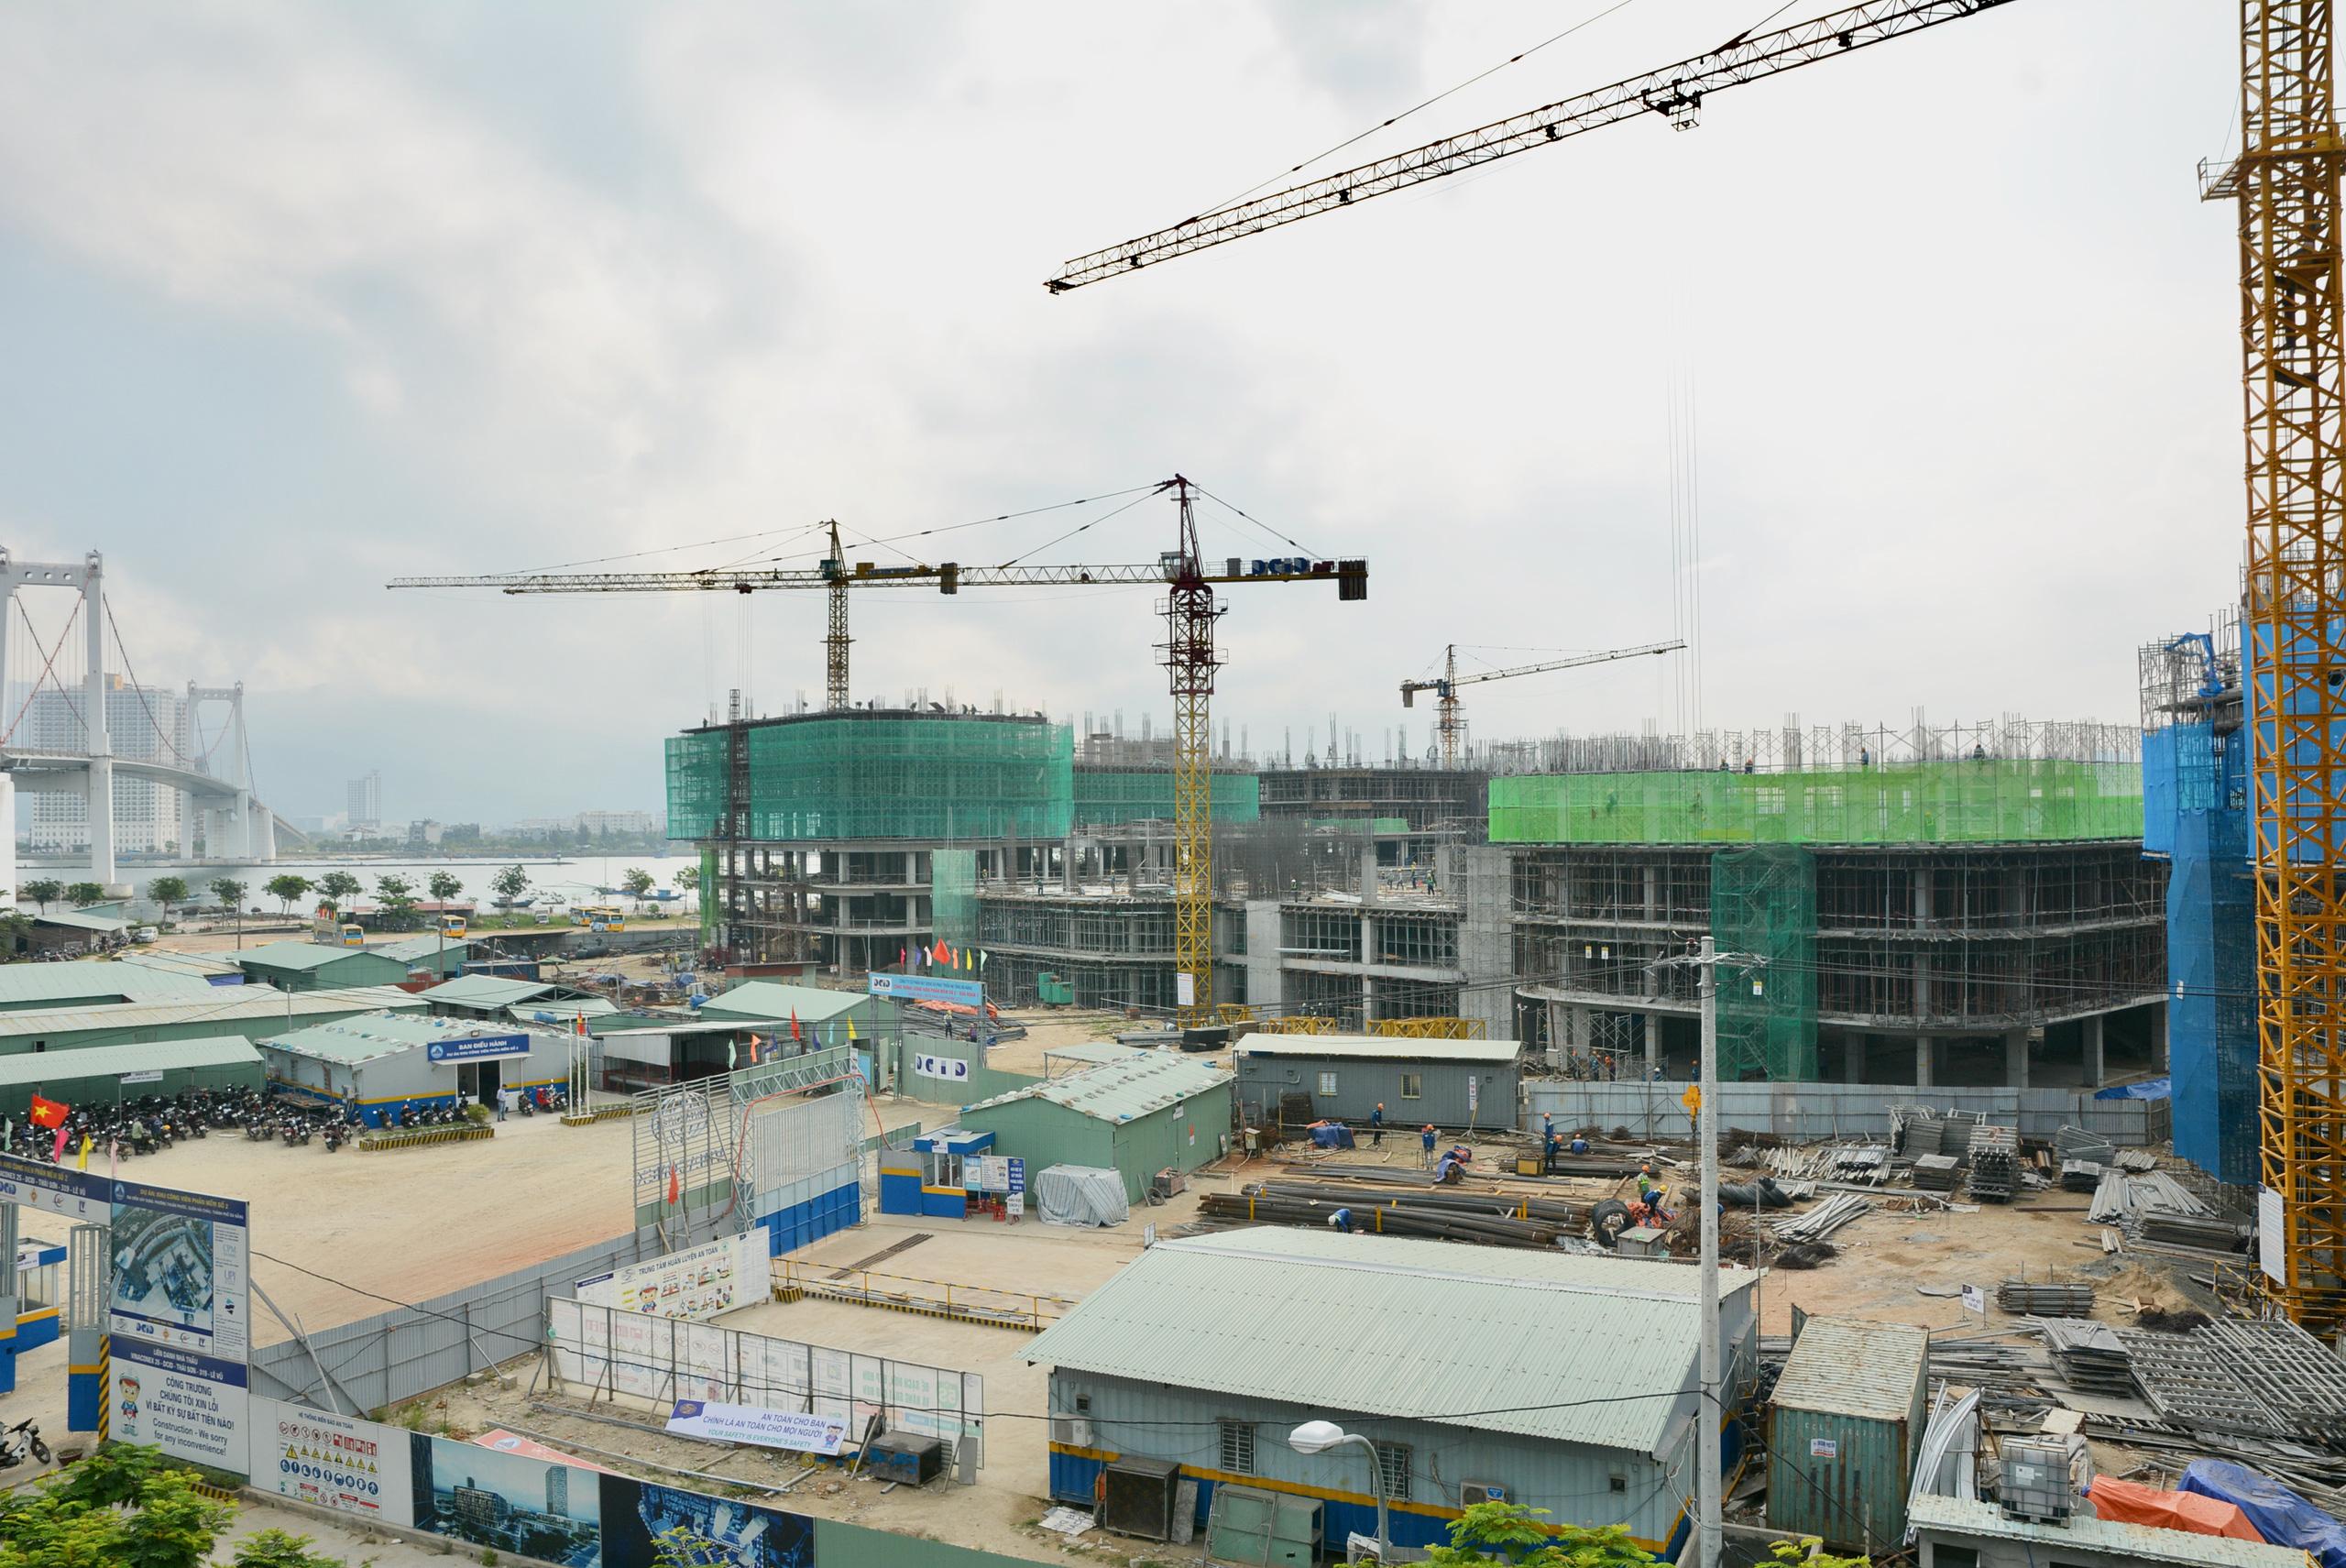 Khu công viên phần mềm số 2 hơn 700 tỷ đồng ở Đà Nẵng thành hình sau 5 tháng thi công - Ảnh 8.